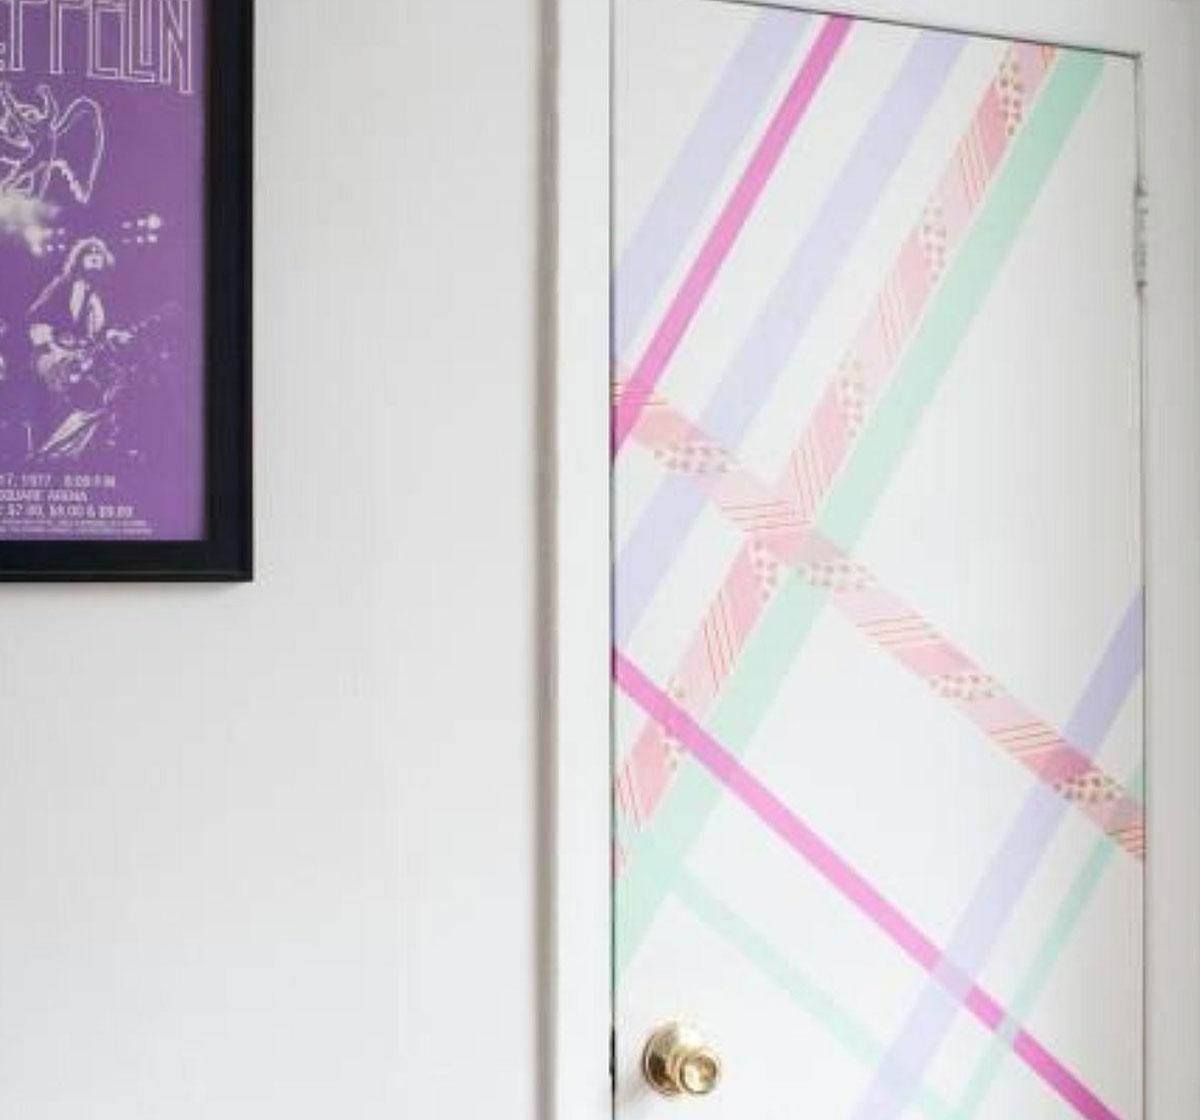 Imagine sfat: Poți aplica benzi adezive decorative pe ușă pentru a crea un efect artistic.